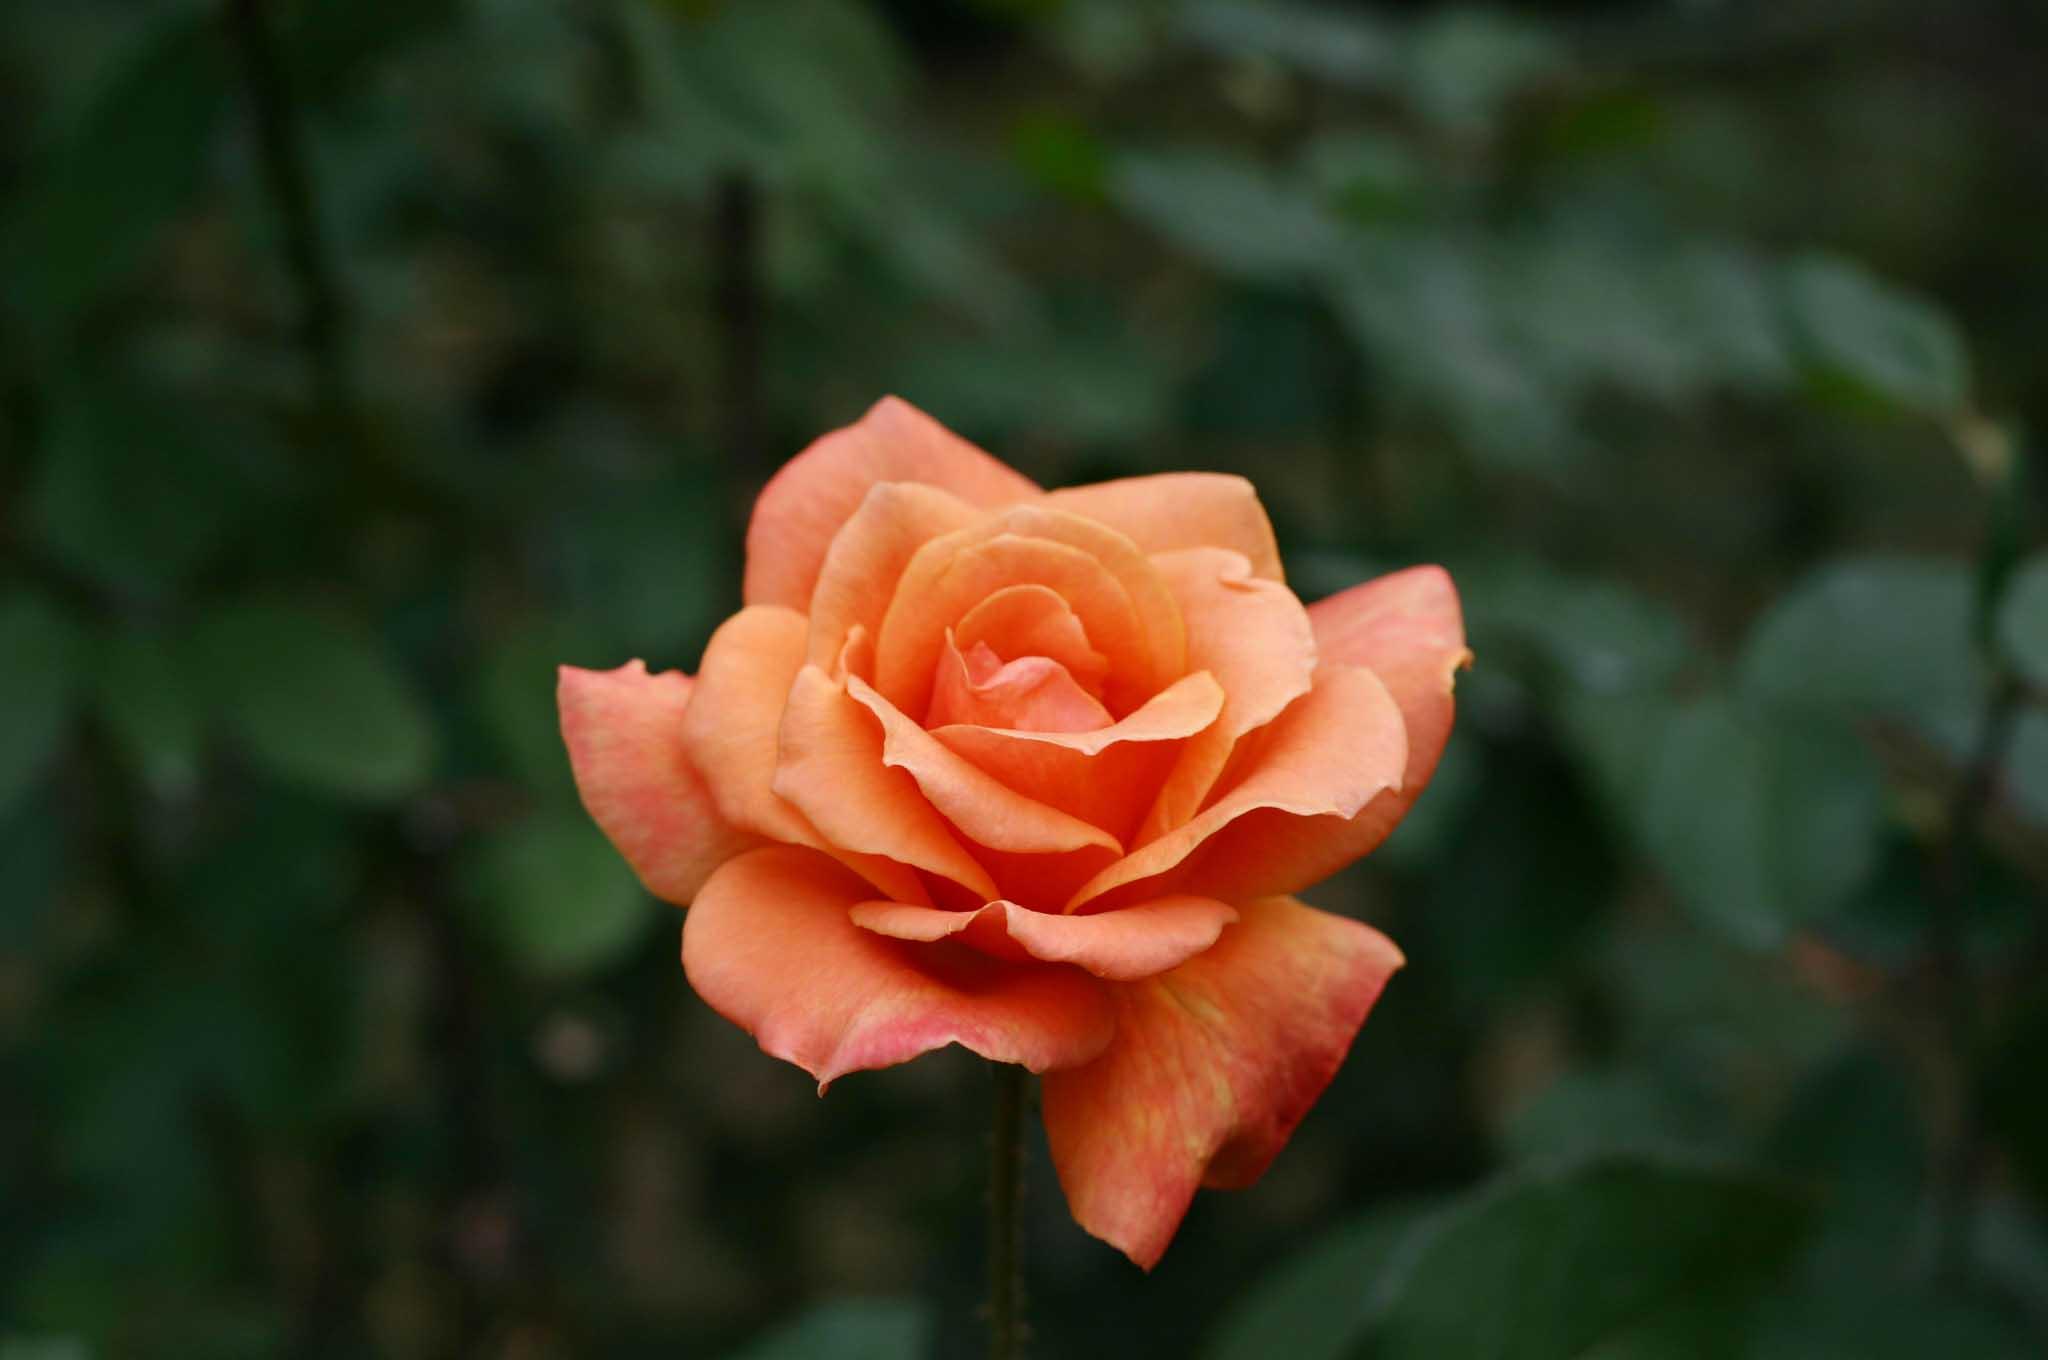 ジッフェという品種のバラ